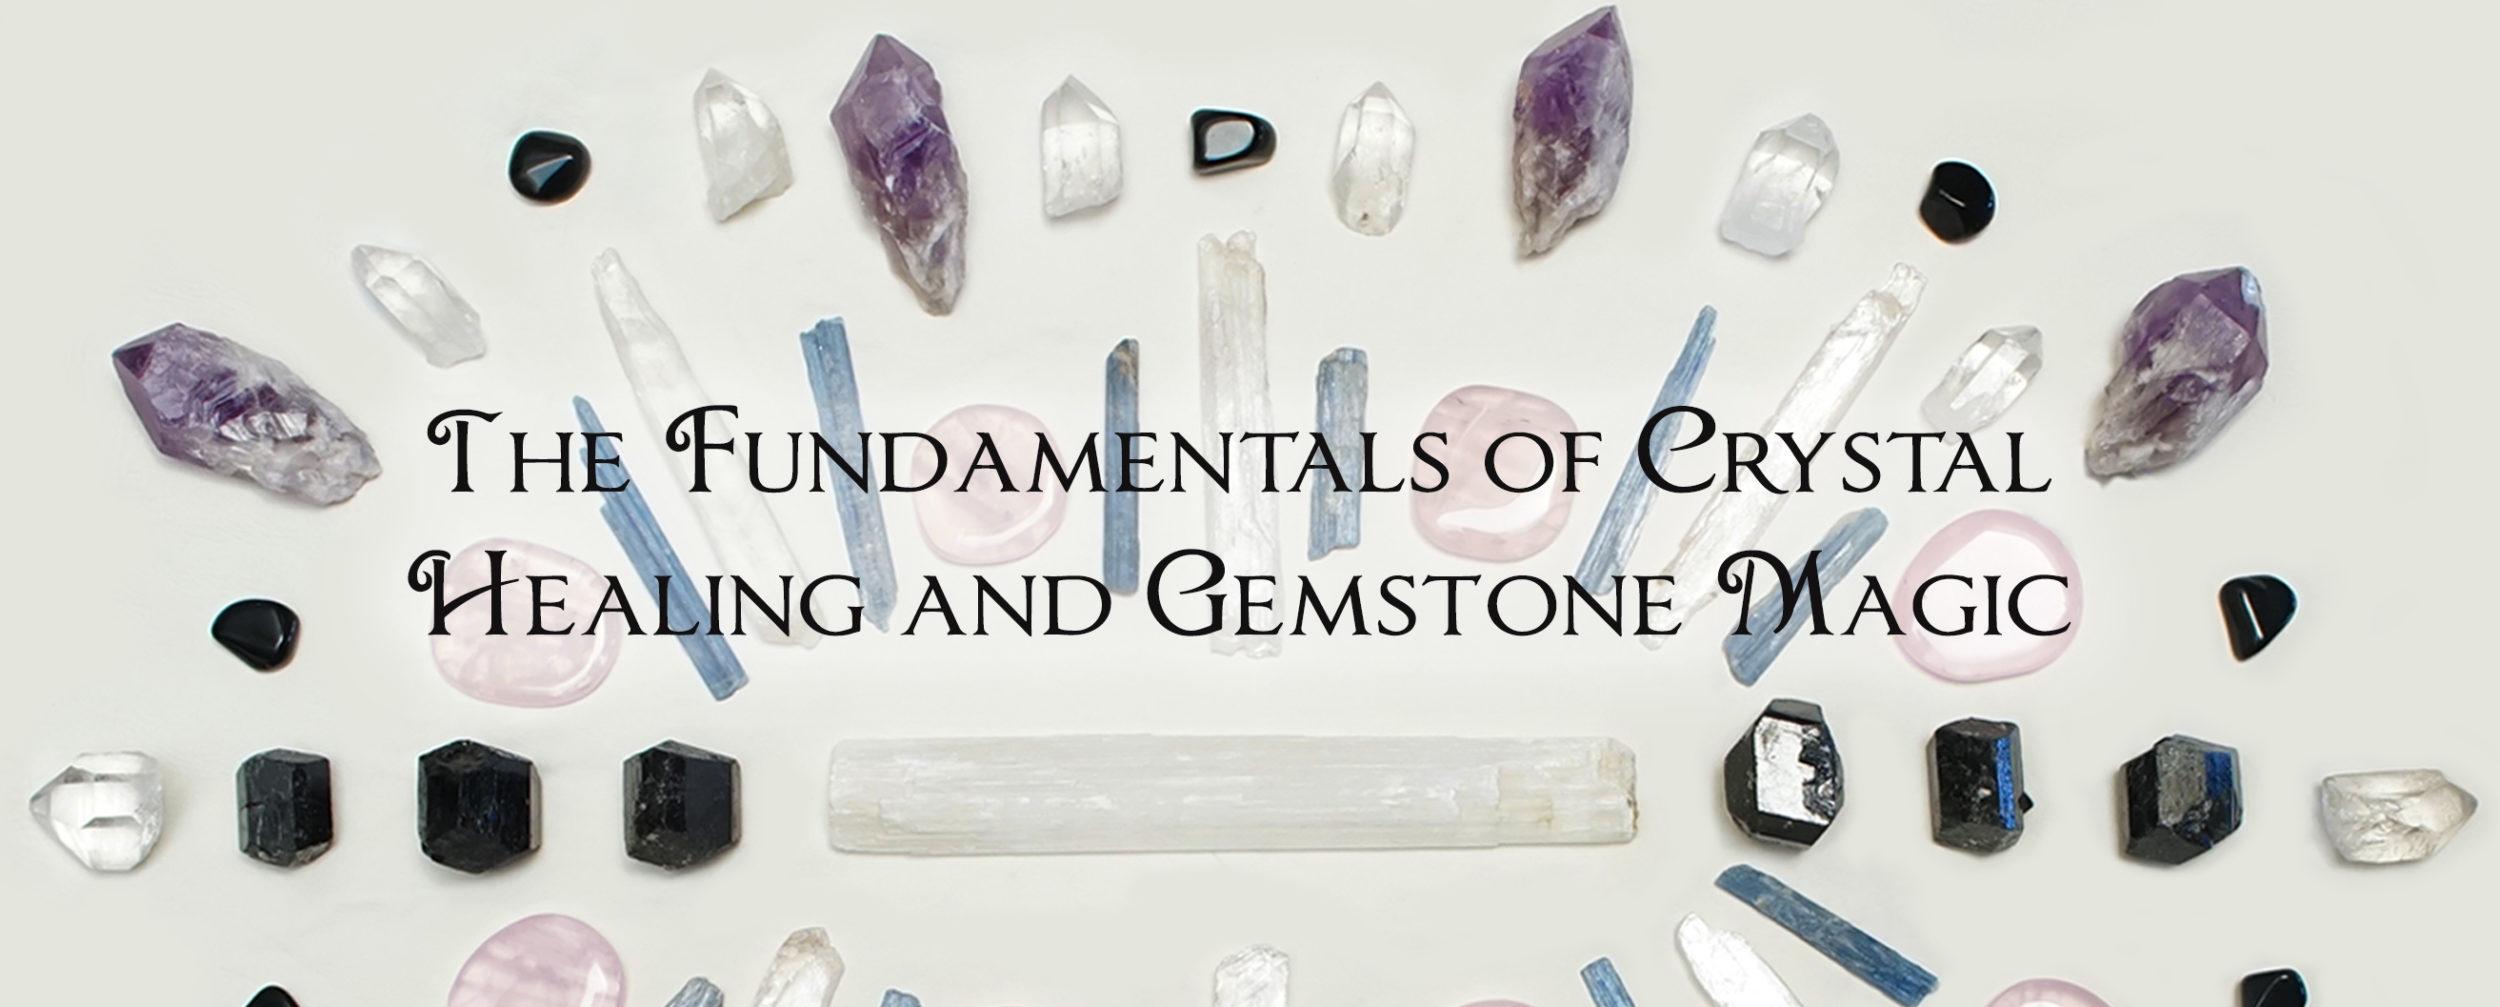 FundamentalsofCrystalHealingBlog